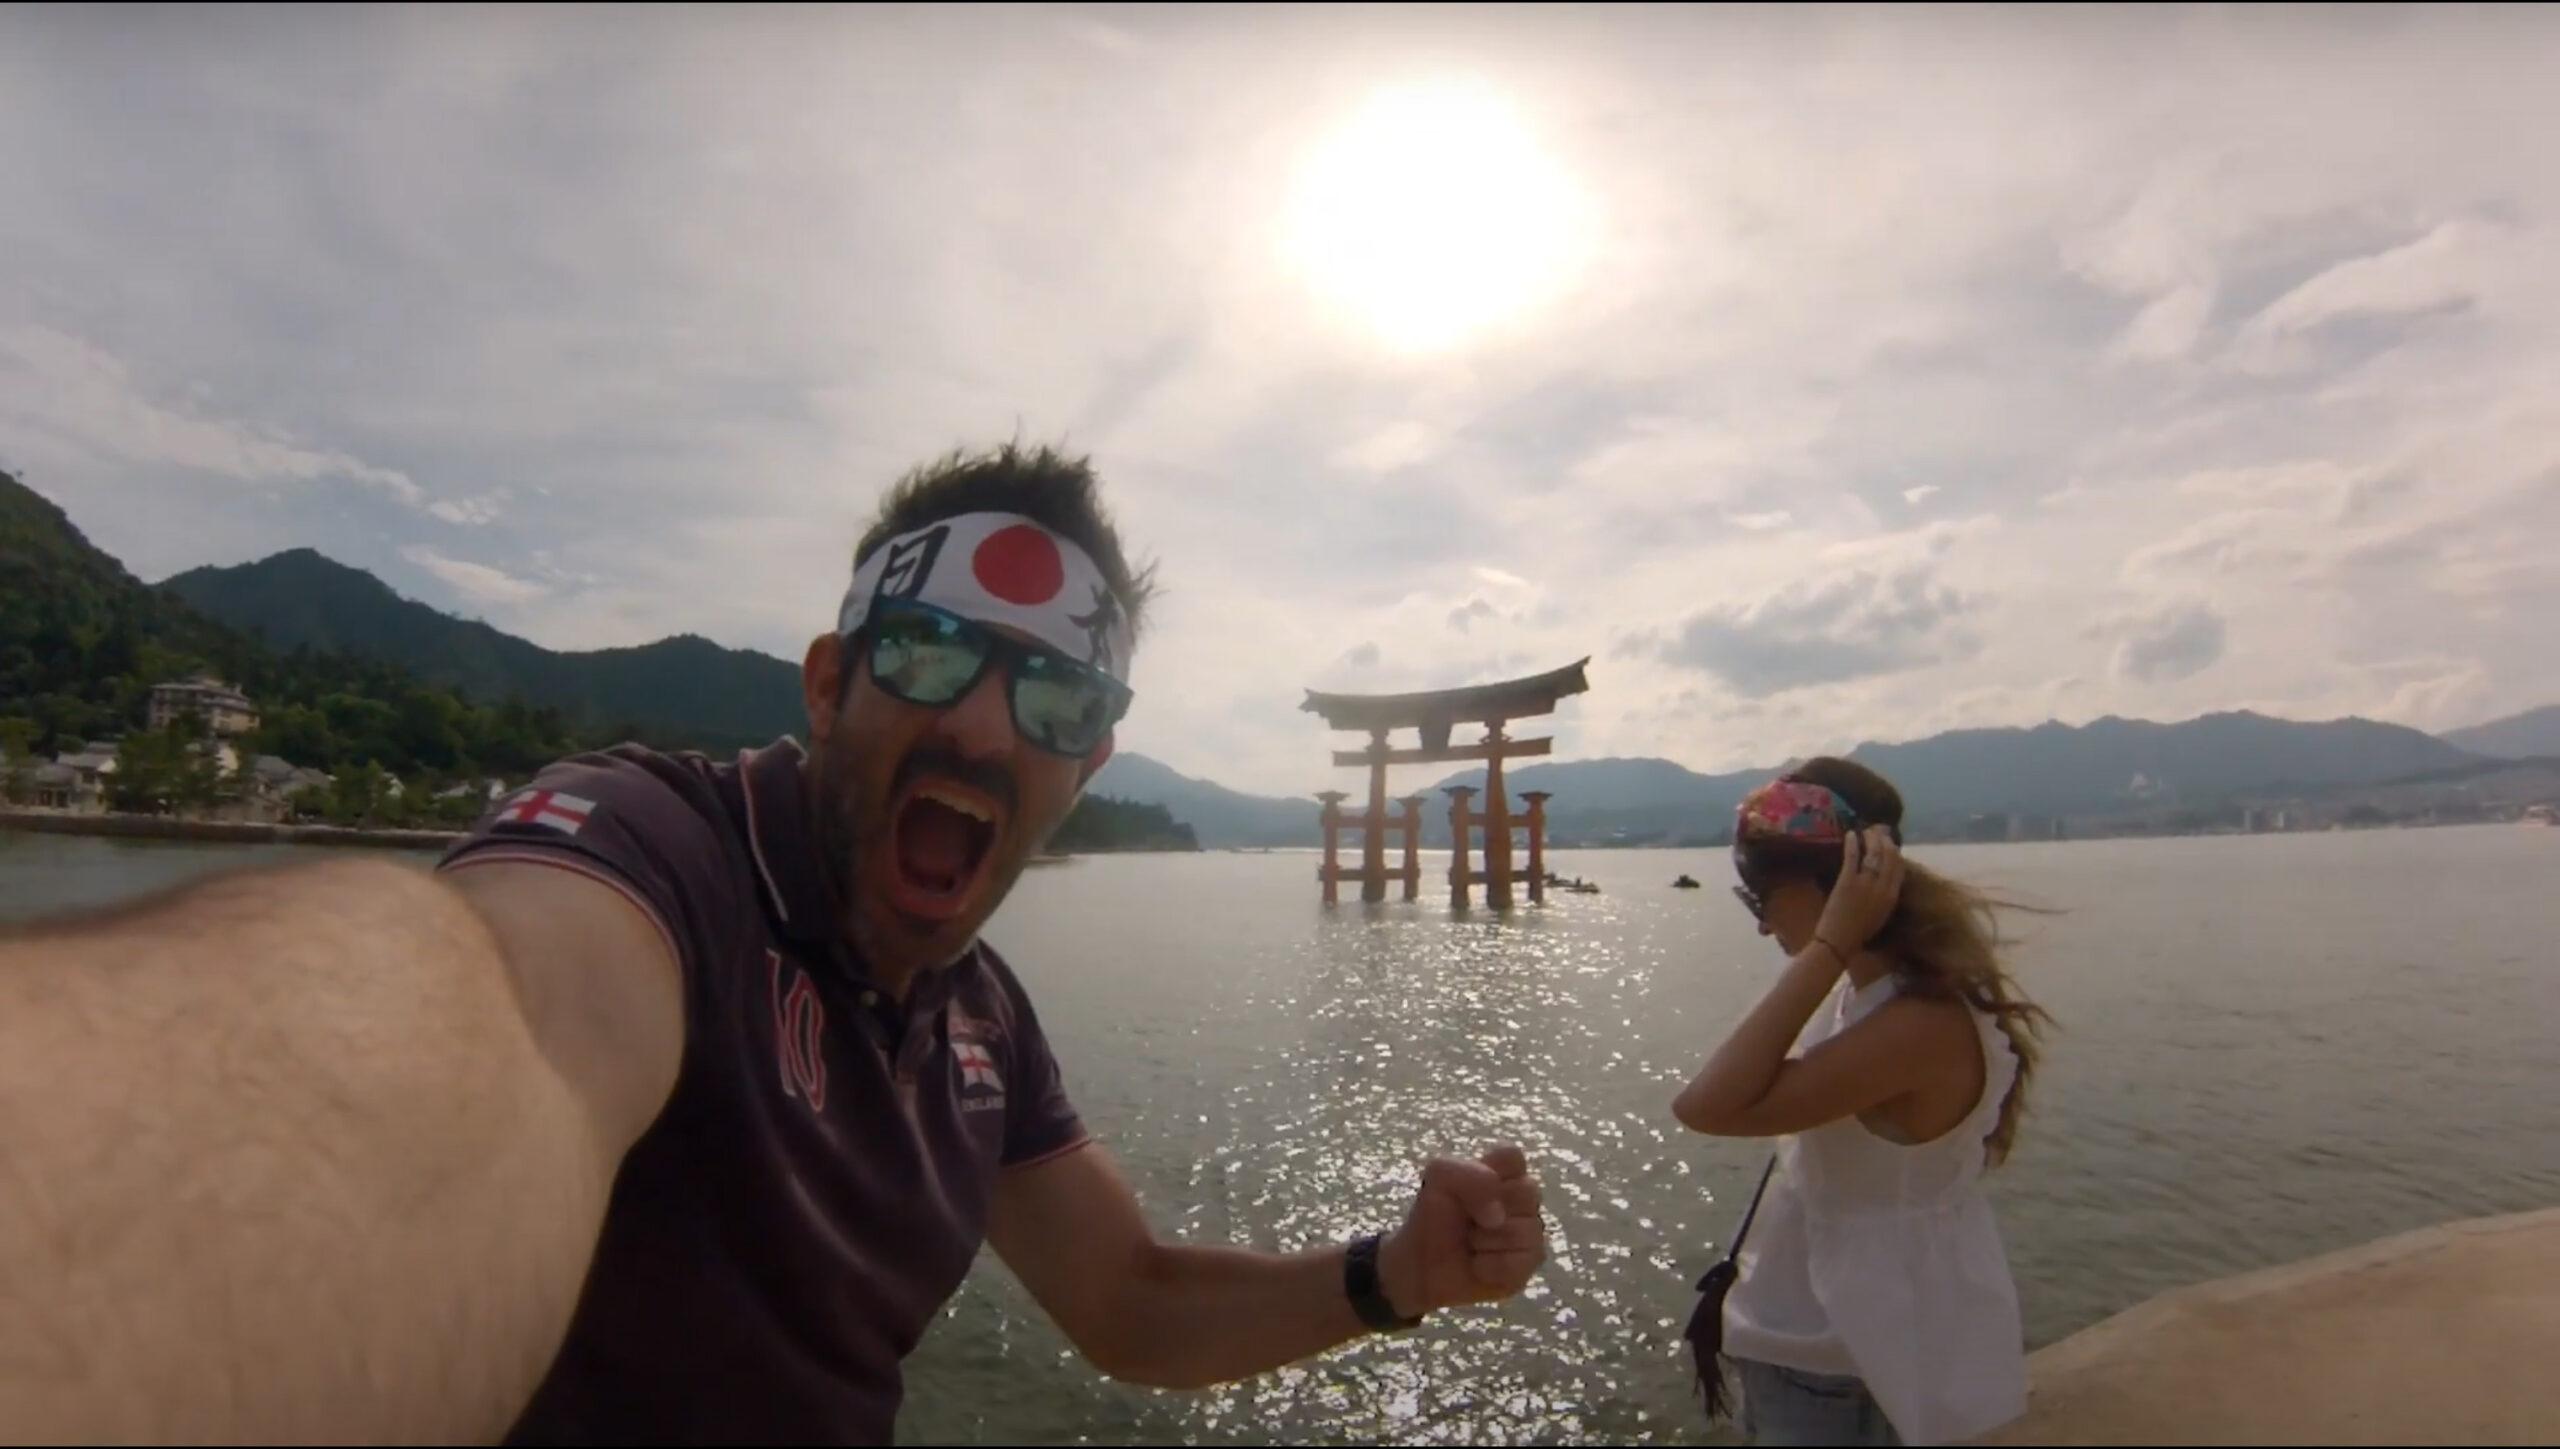 Japón [object object] - japonjpg scaled - thewotme@TV_OLD